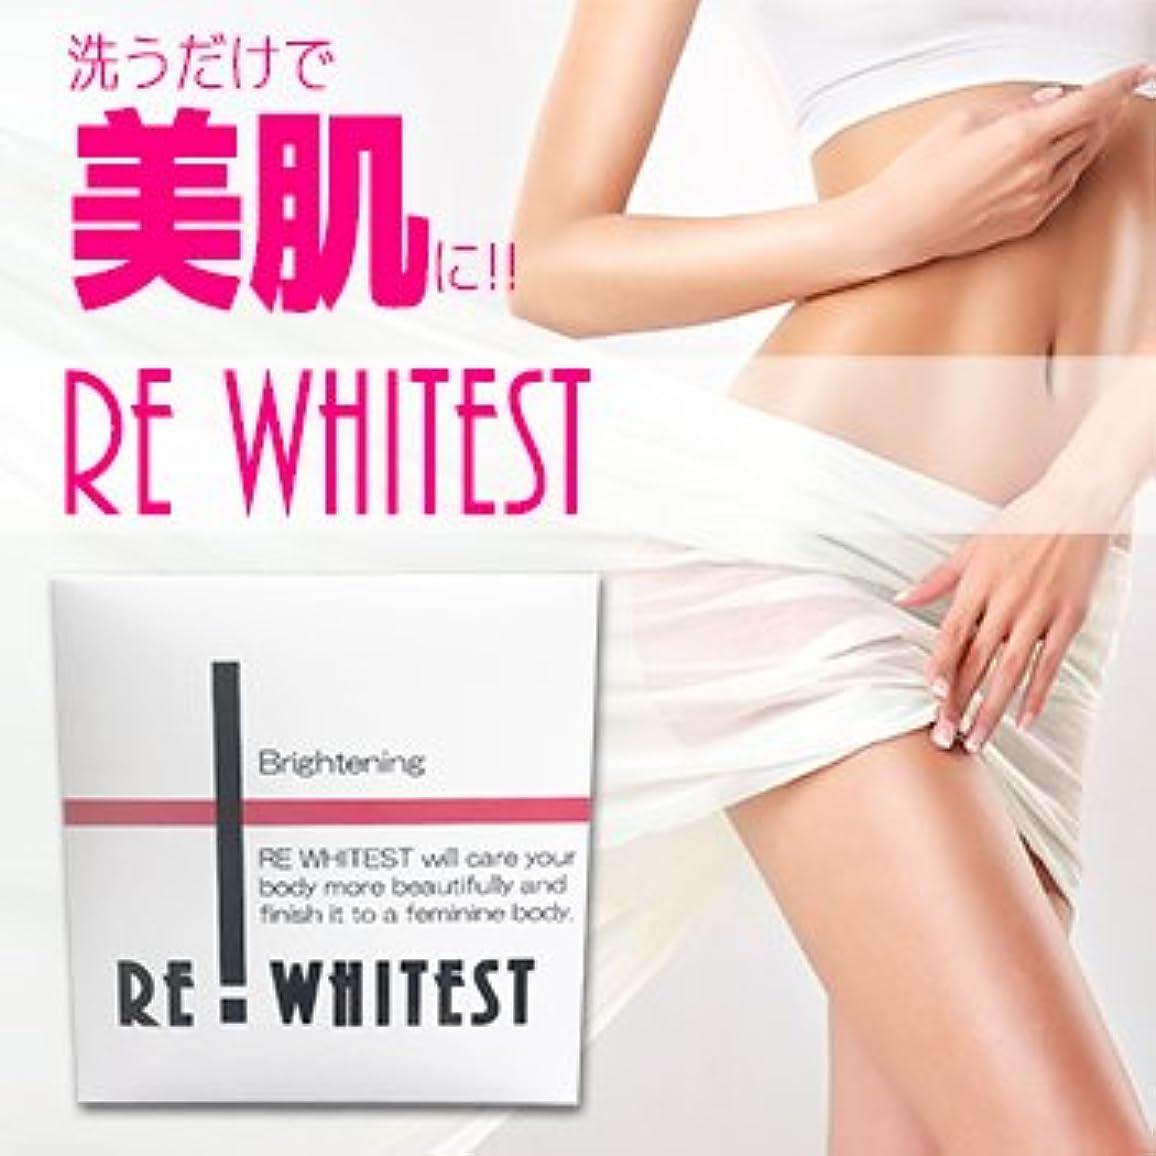 プレミアムめまいキリンパパイン+イソフラボン配合女性用美肌石鹸 REWHITEST-リホワイテスト-